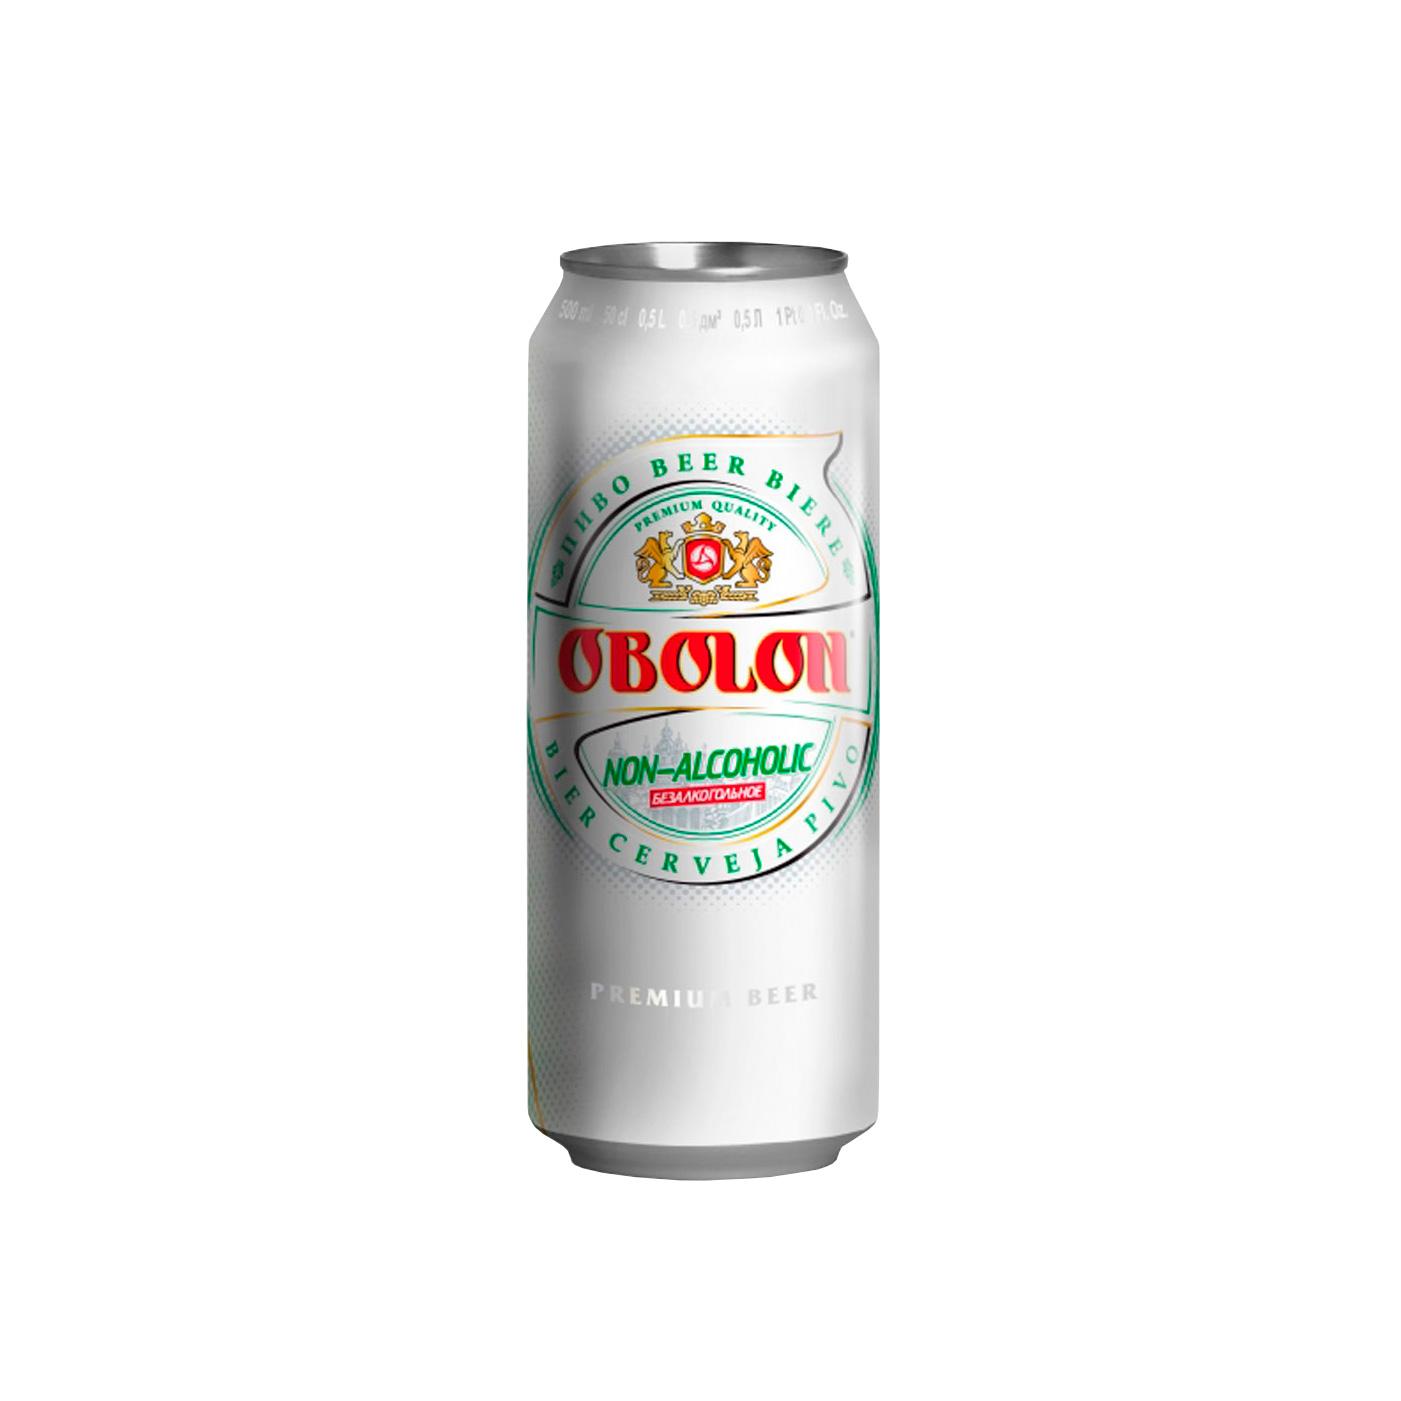 2378 CERVEZA 500CCX24 LATA OBOLON NON ALCOHOLIC